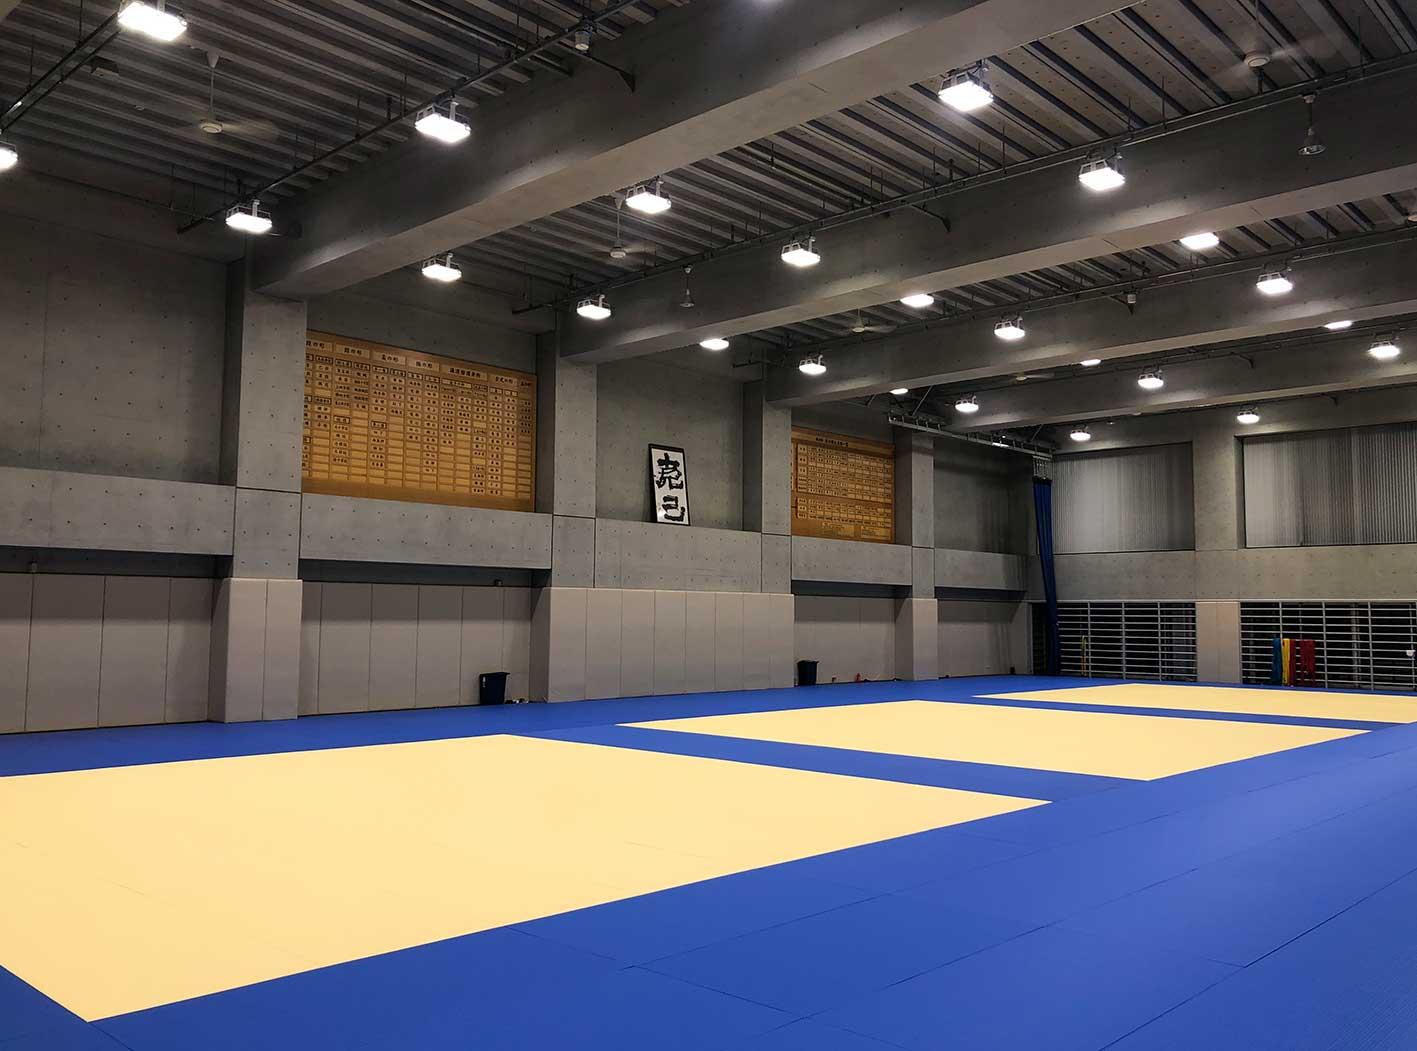 日本体育大学世田谷キャンパスの柔道場